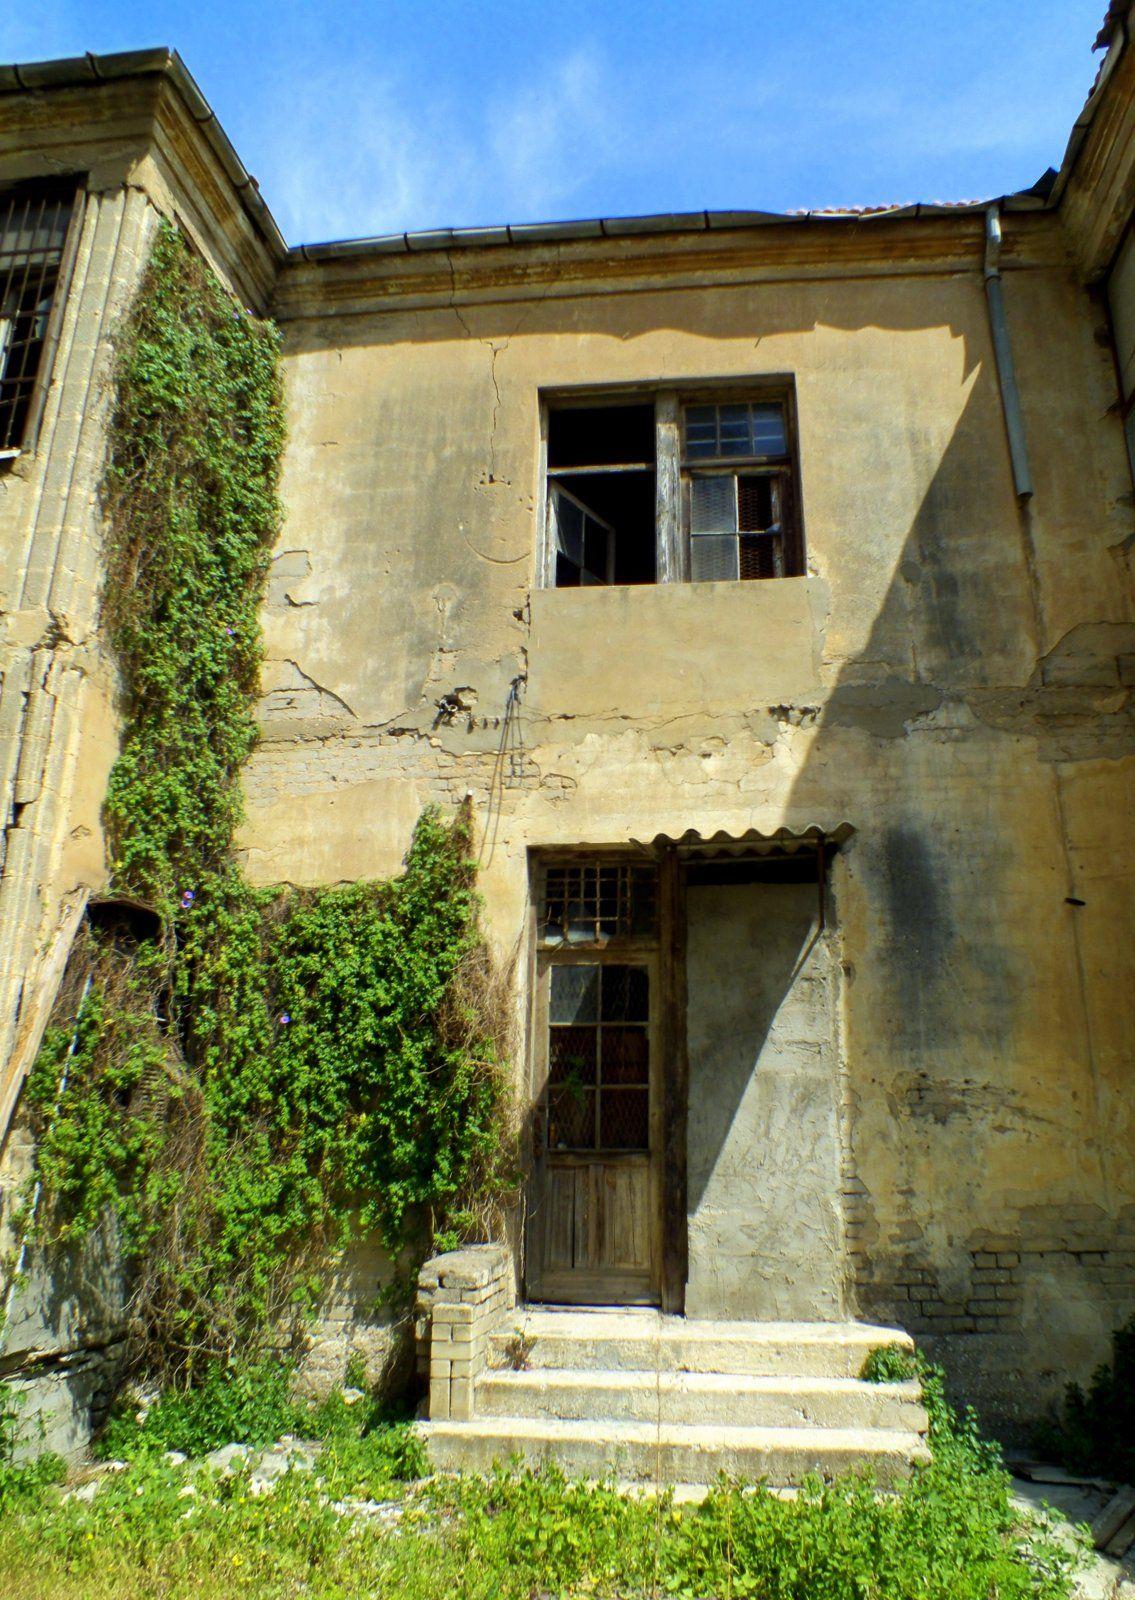 Abandoned house in Balfour street - Tel Aviv